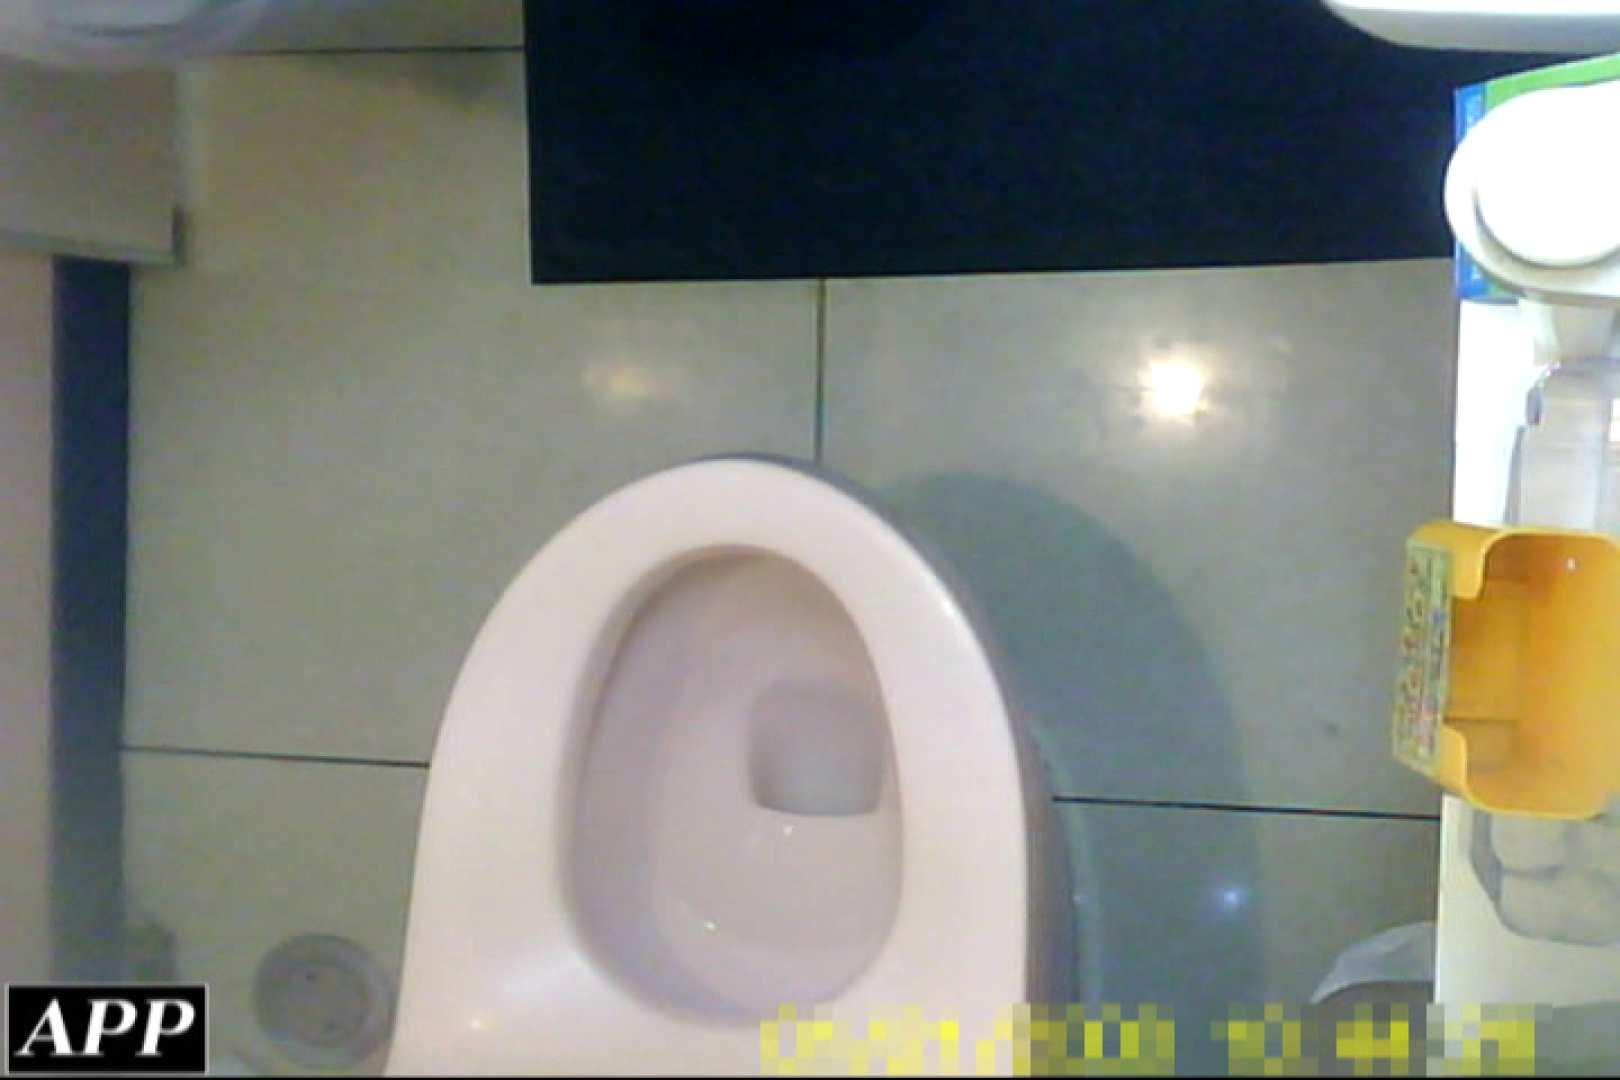 3視点洗面所 vol.54 オマンコギャル エロ画像 79連発 52